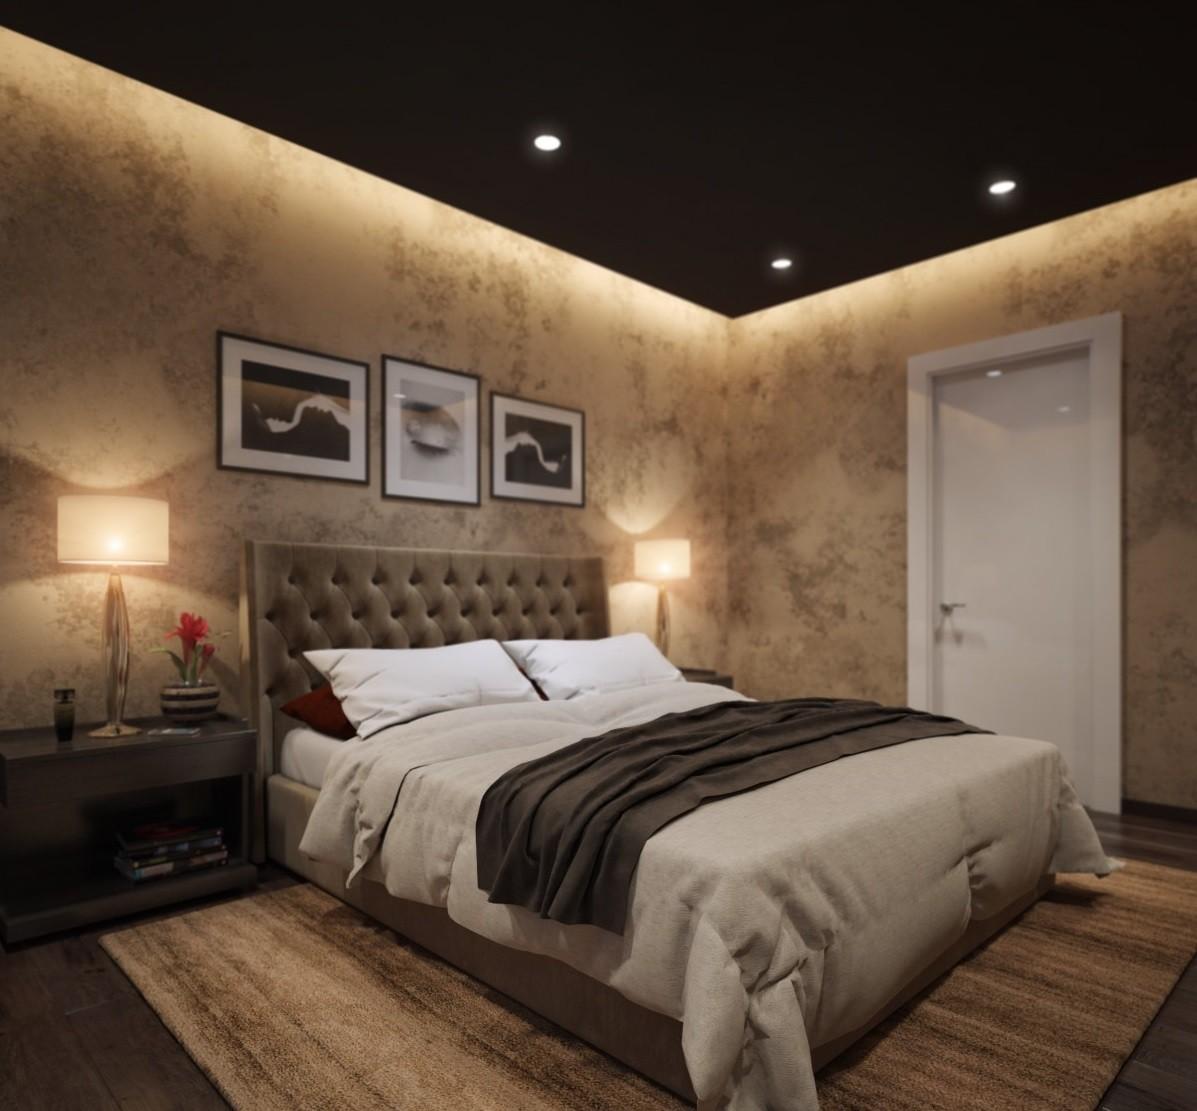 парящие натяжные потолки фото для спальни один человек